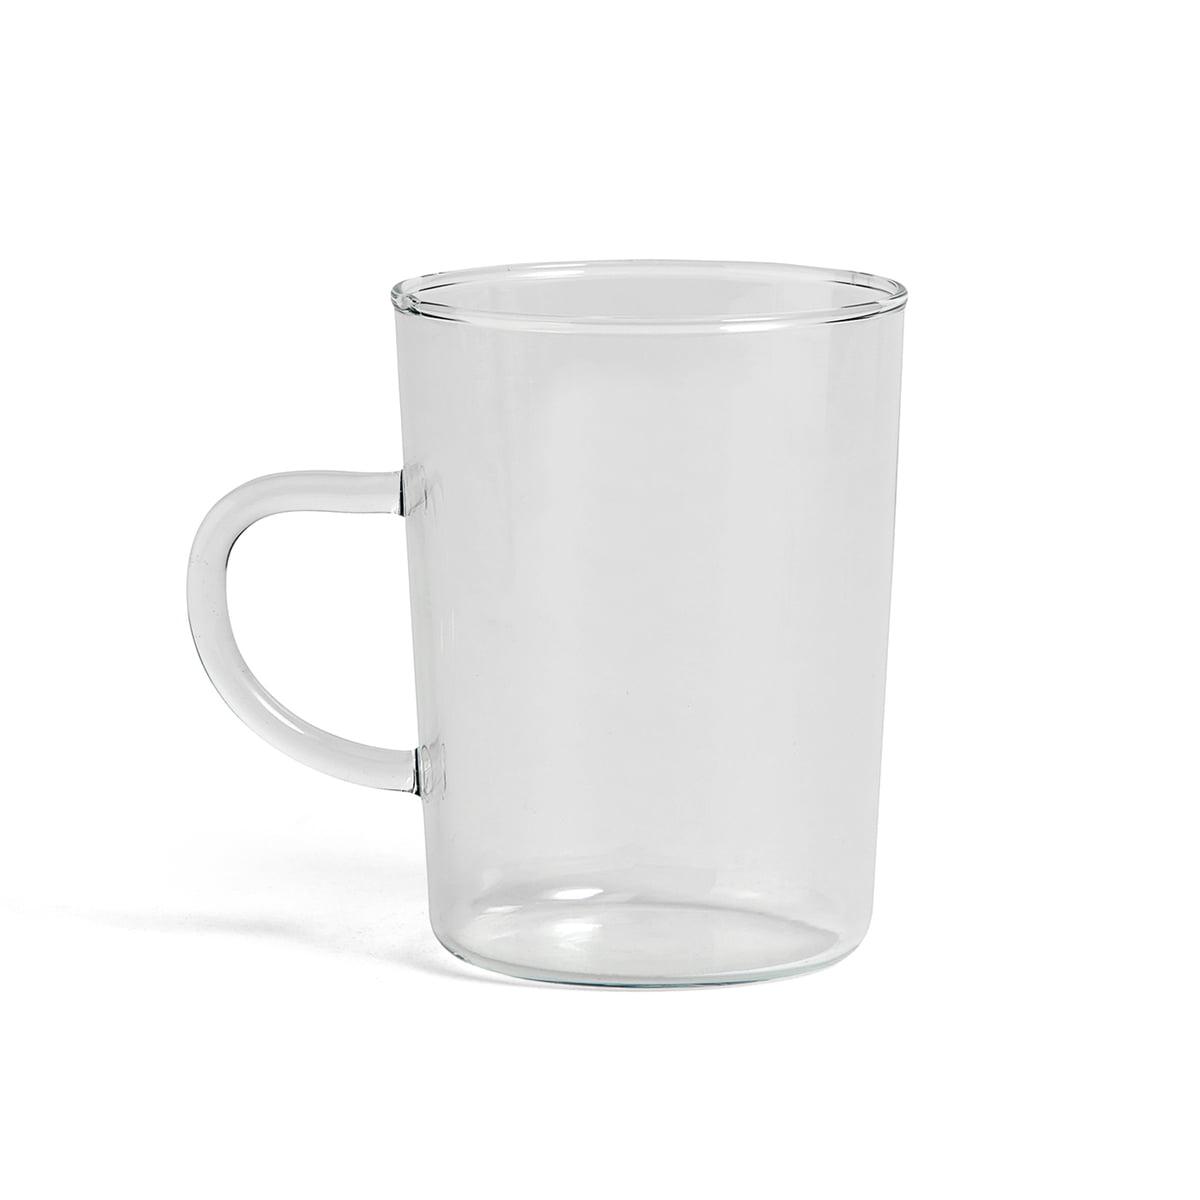 Hay - Glas Teetasse, klar   Küche und Esszimmer > Besteck und Geschirr > Geschirr   Transparent -  durchsichtig   Hay